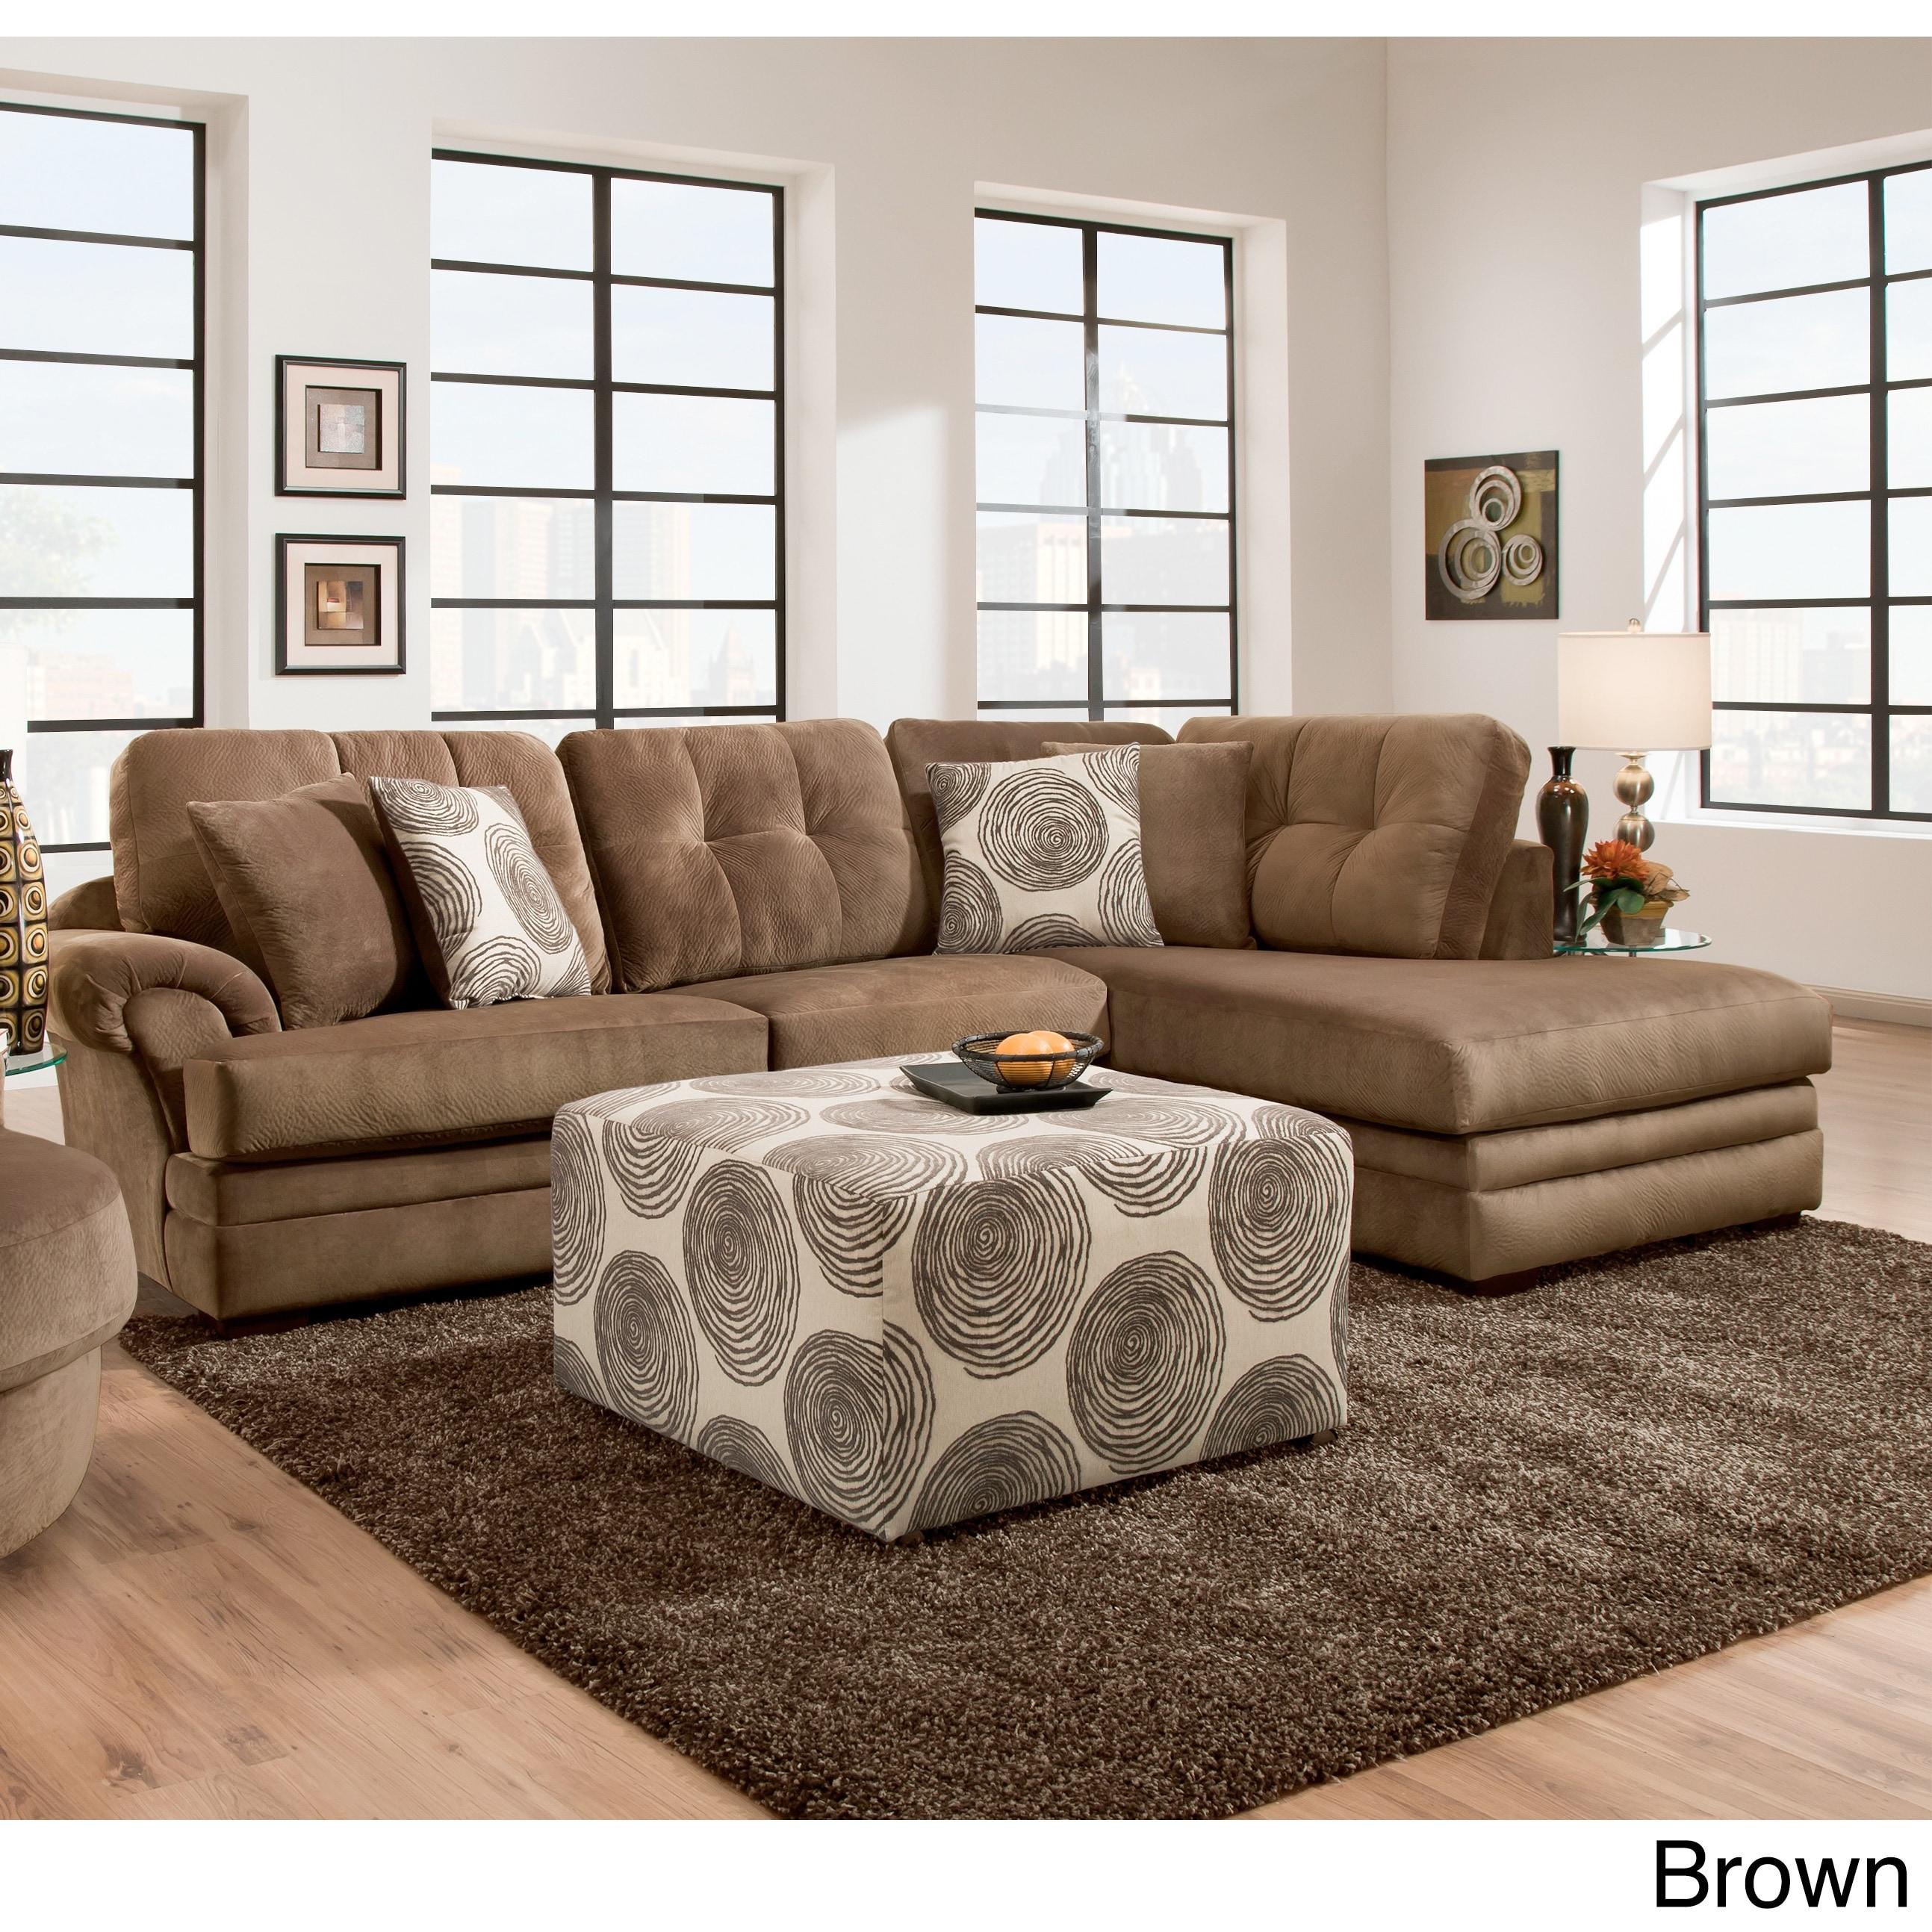 Velvet sectional sofa Sofas